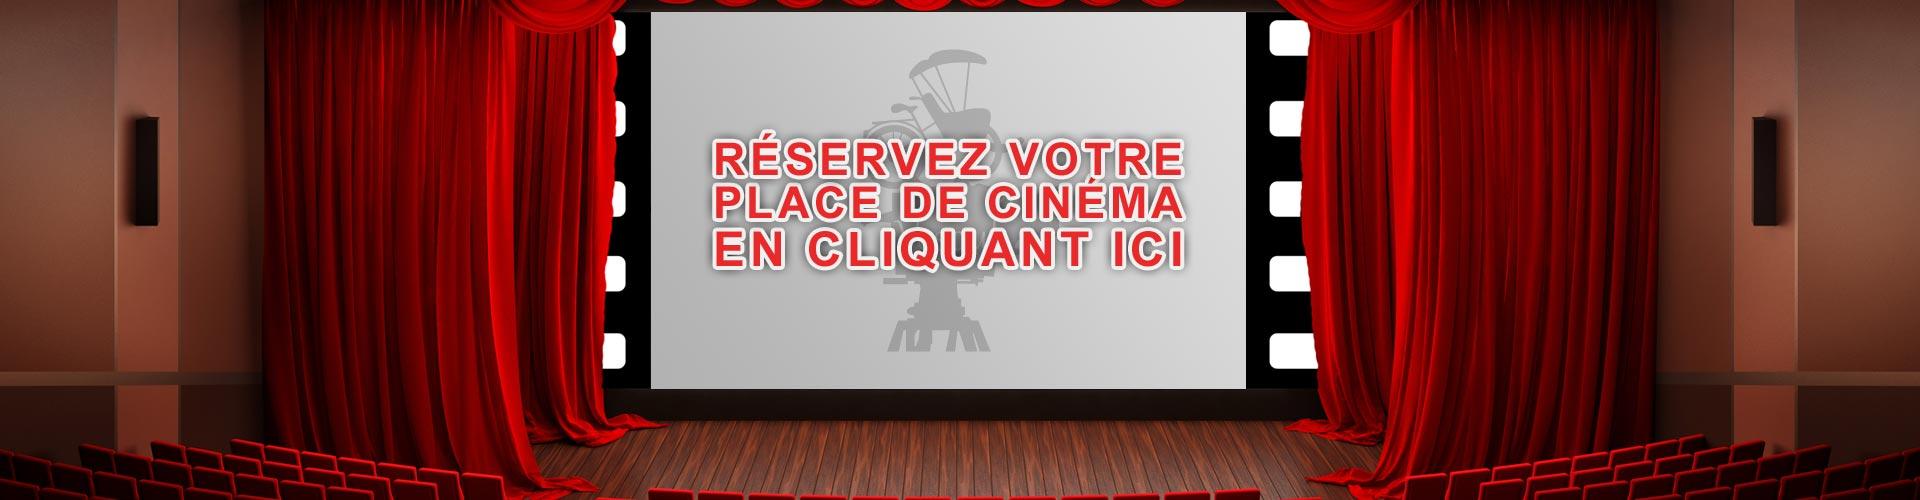 slide-reservation